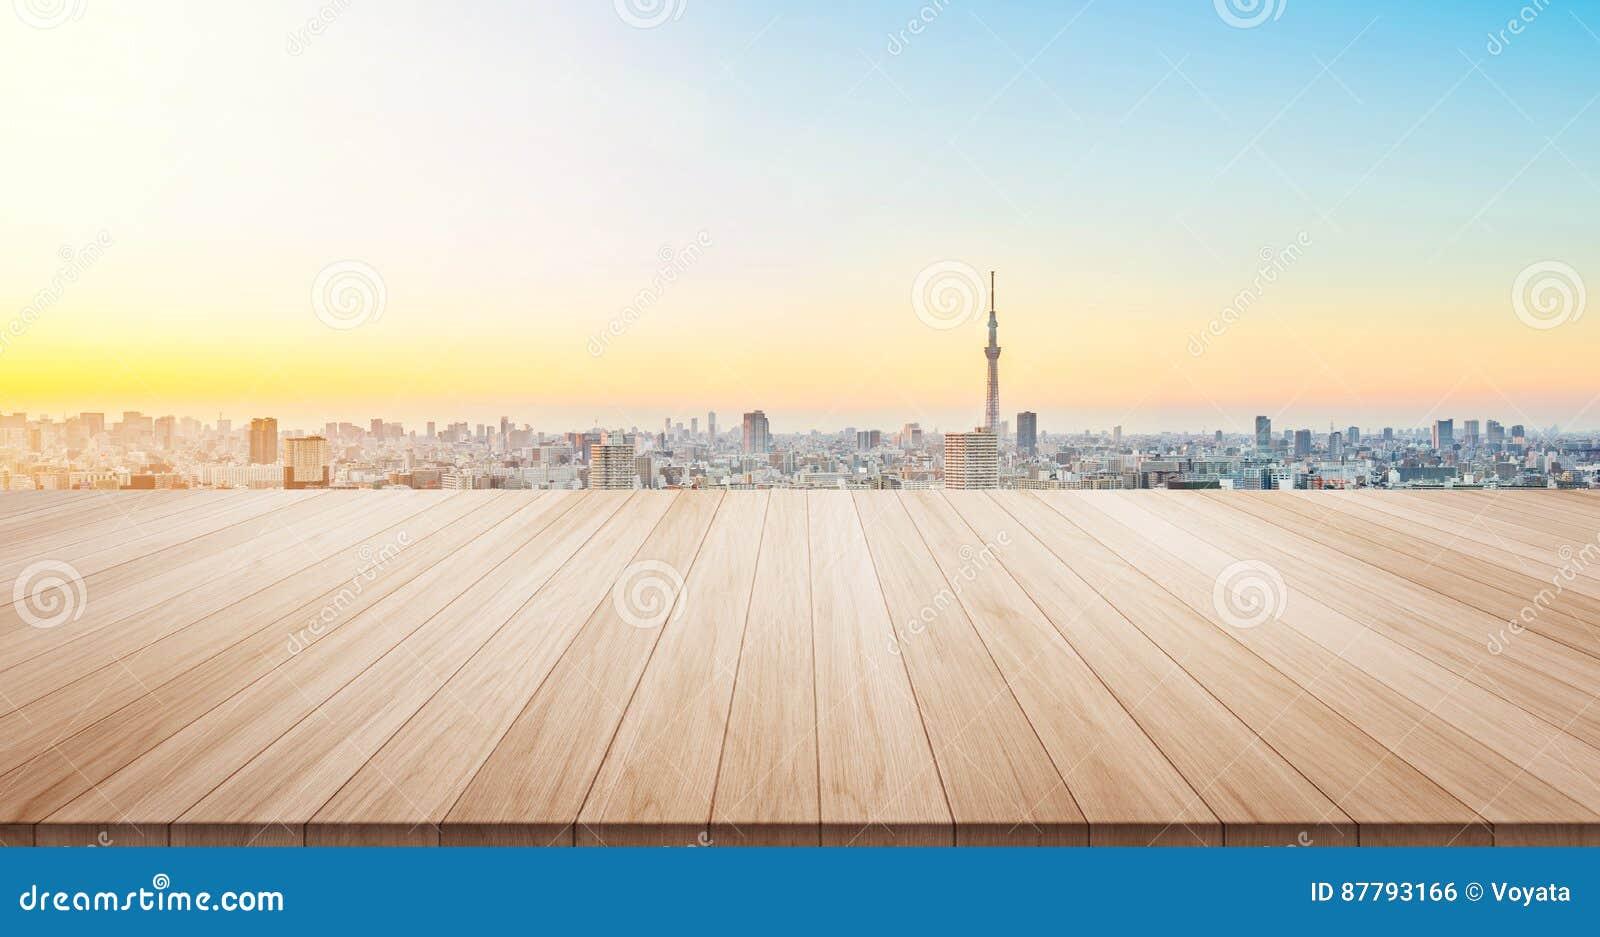 Κενή ξύλινη κορυφή επιτραπέζιων πατωμάτων για το προϊόν επίδειξης ή montage